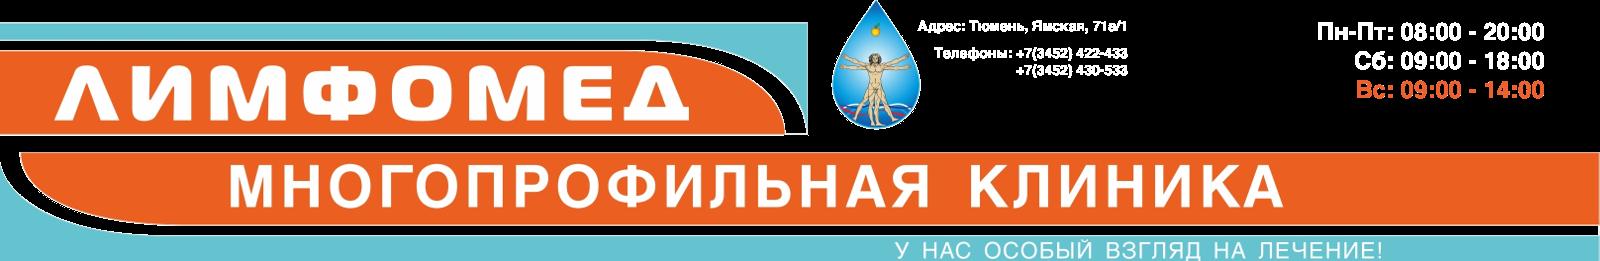 """Многопрофильный медицинский центр """"ЛИМФОМЕД"""""""